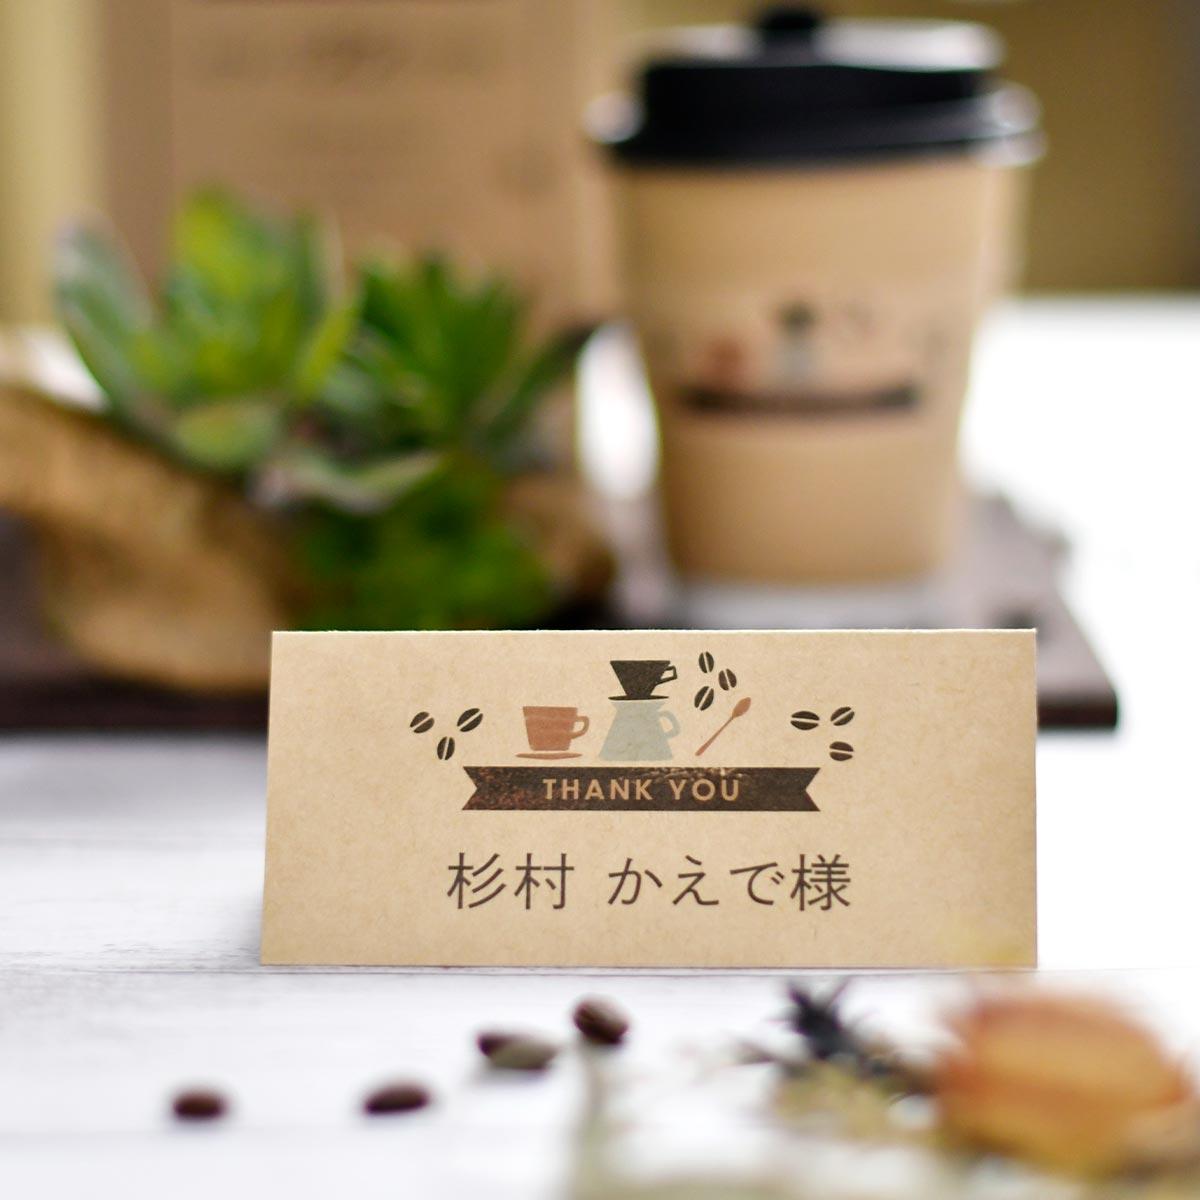 珈琲豆やドリッパーのイラストが可愛い結婚式の席札